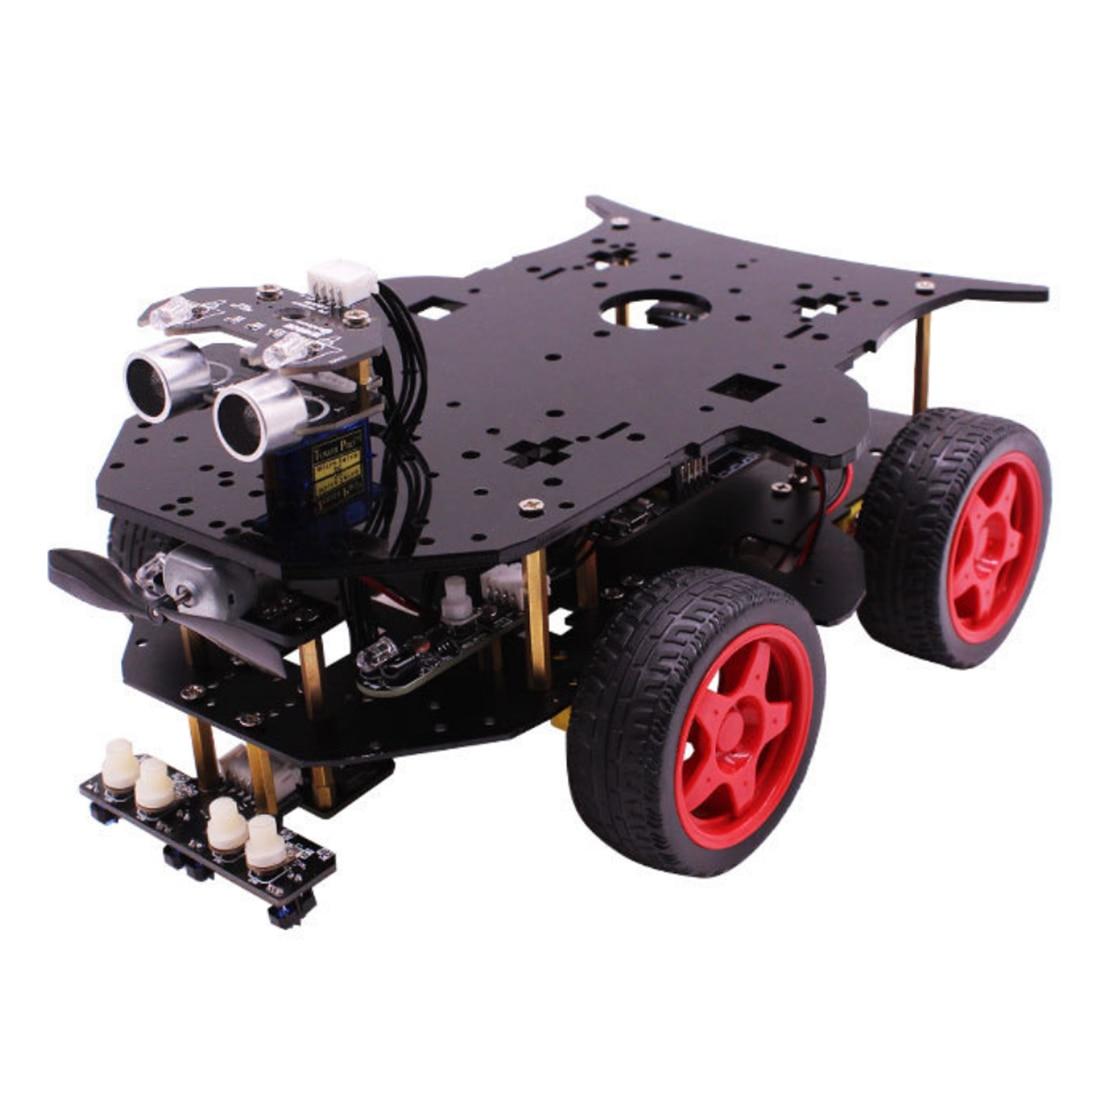 Roboter Auto 4WD Programmierung Stamm Bildung Robot Kit Spielzeug mit Tutorial & Open Source Code für Arduino (Einschließlich UNO r3 Mainboard) - 2